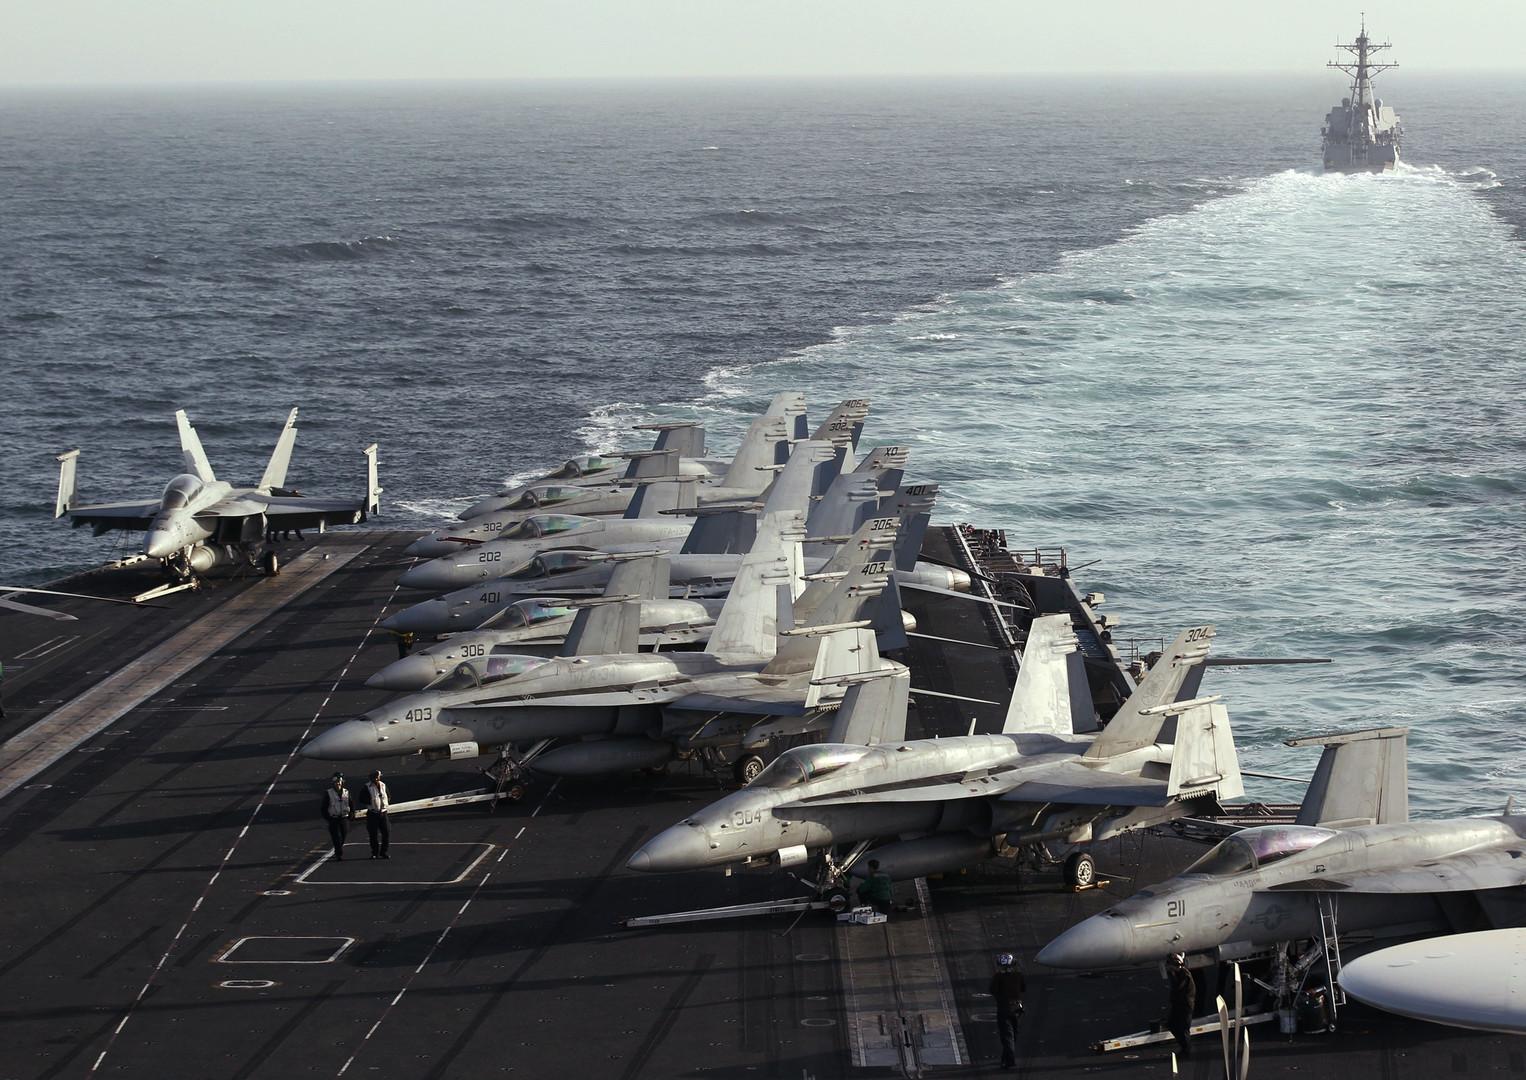 إسبانيا تتوجس شرا وتسحب سفينتها الحربية من القوة الأمريكية المتجهة صوب إيران